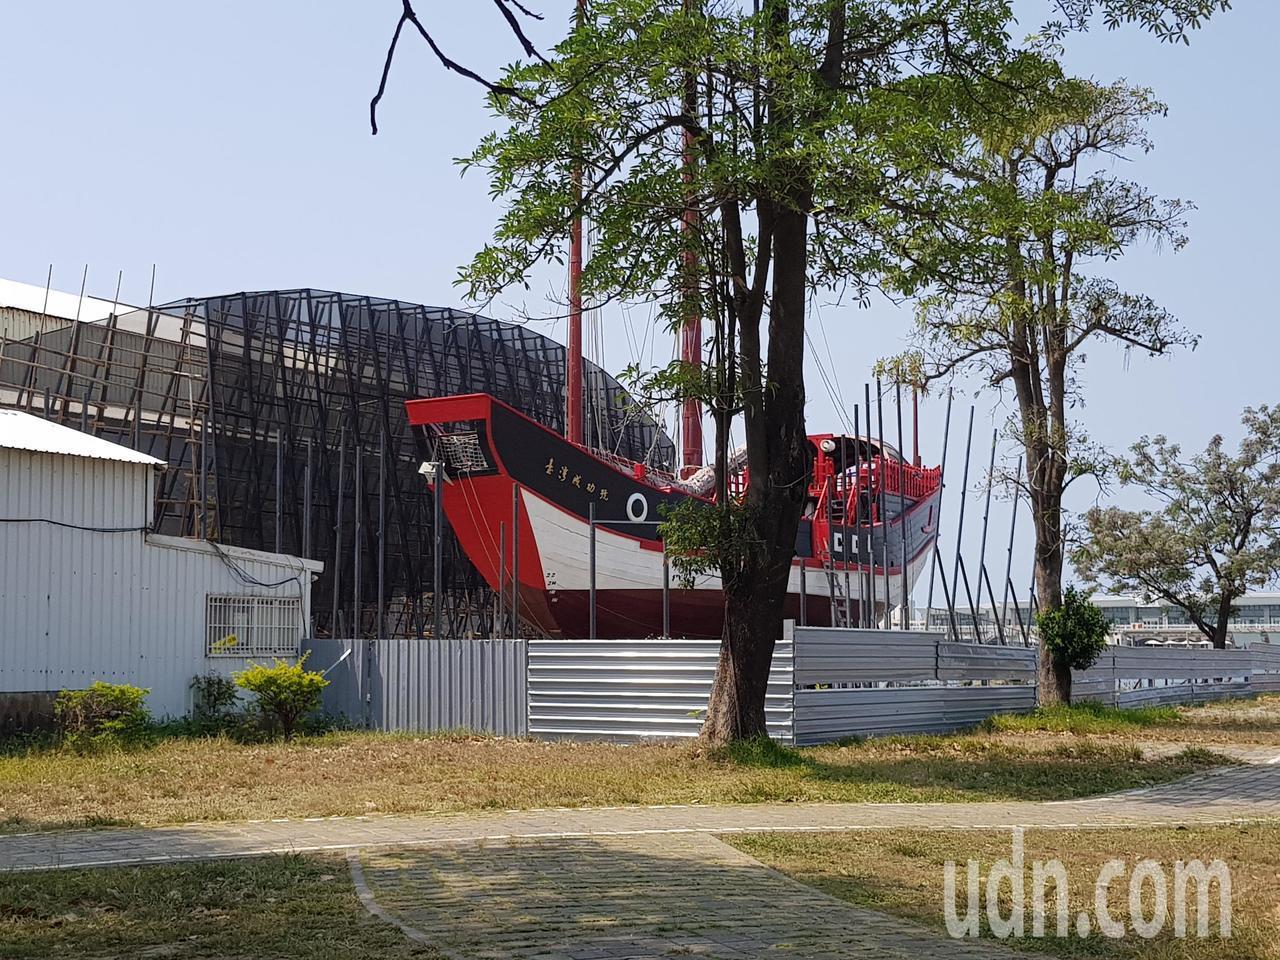 台灣船目前正進行周邊景觀工程,預計年底前即可對外開放參觀。記者修瑞瑩/攝影